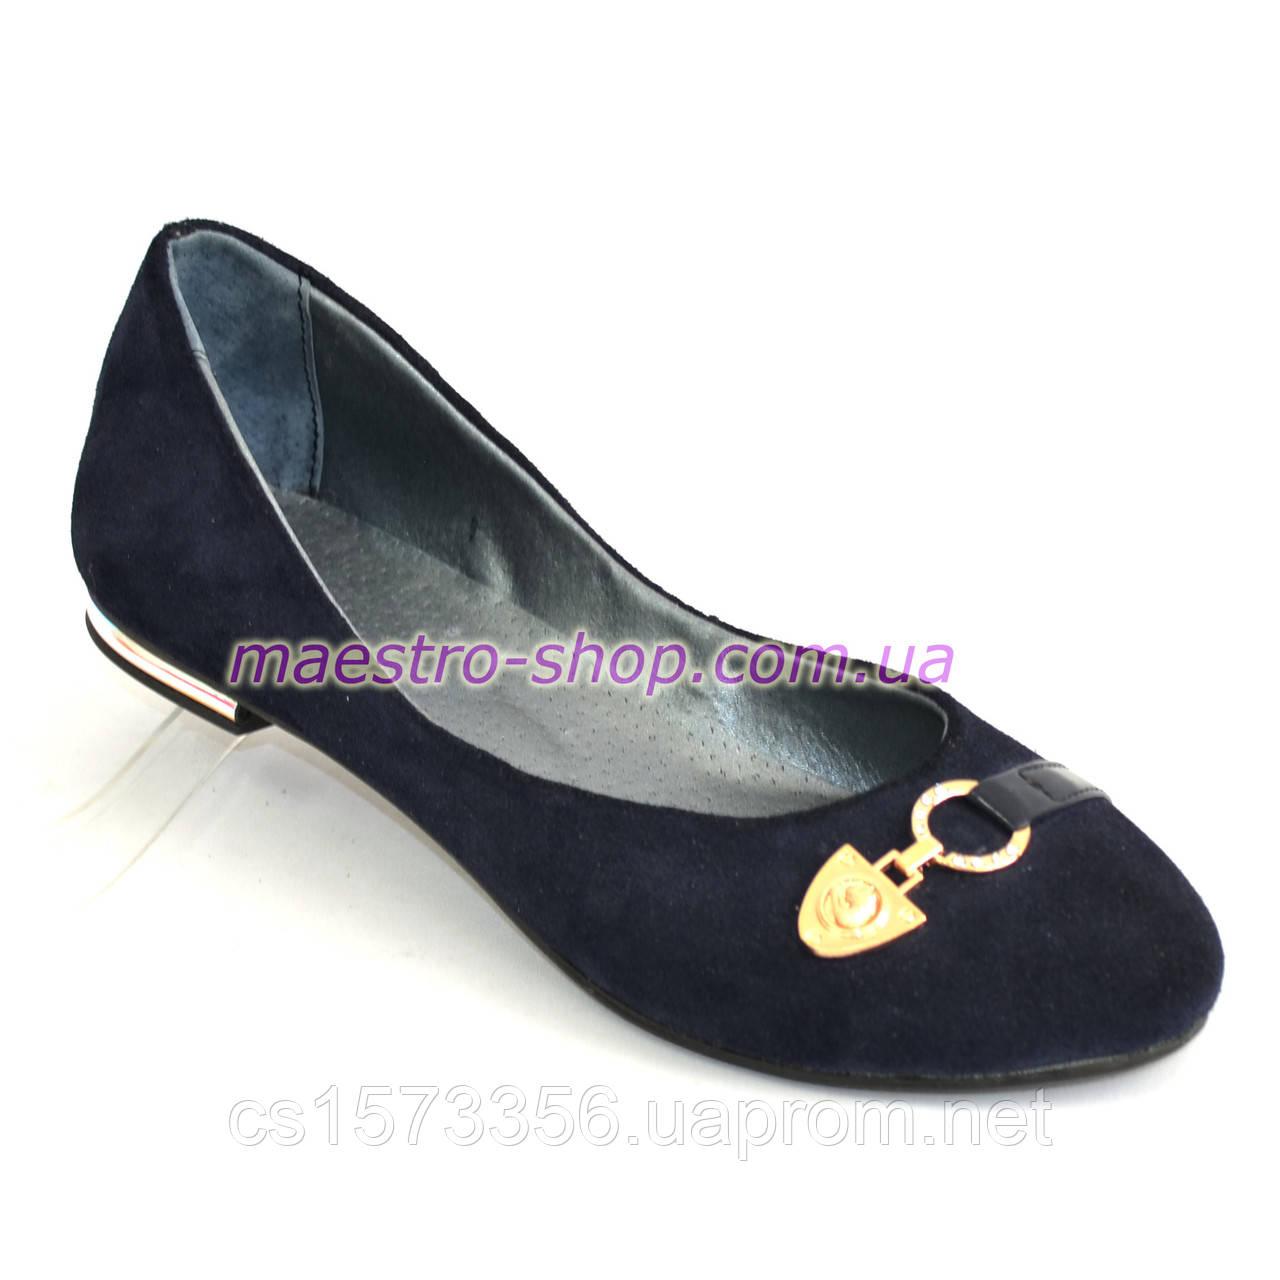 Туфли замшевые синие женские на низкой подошве